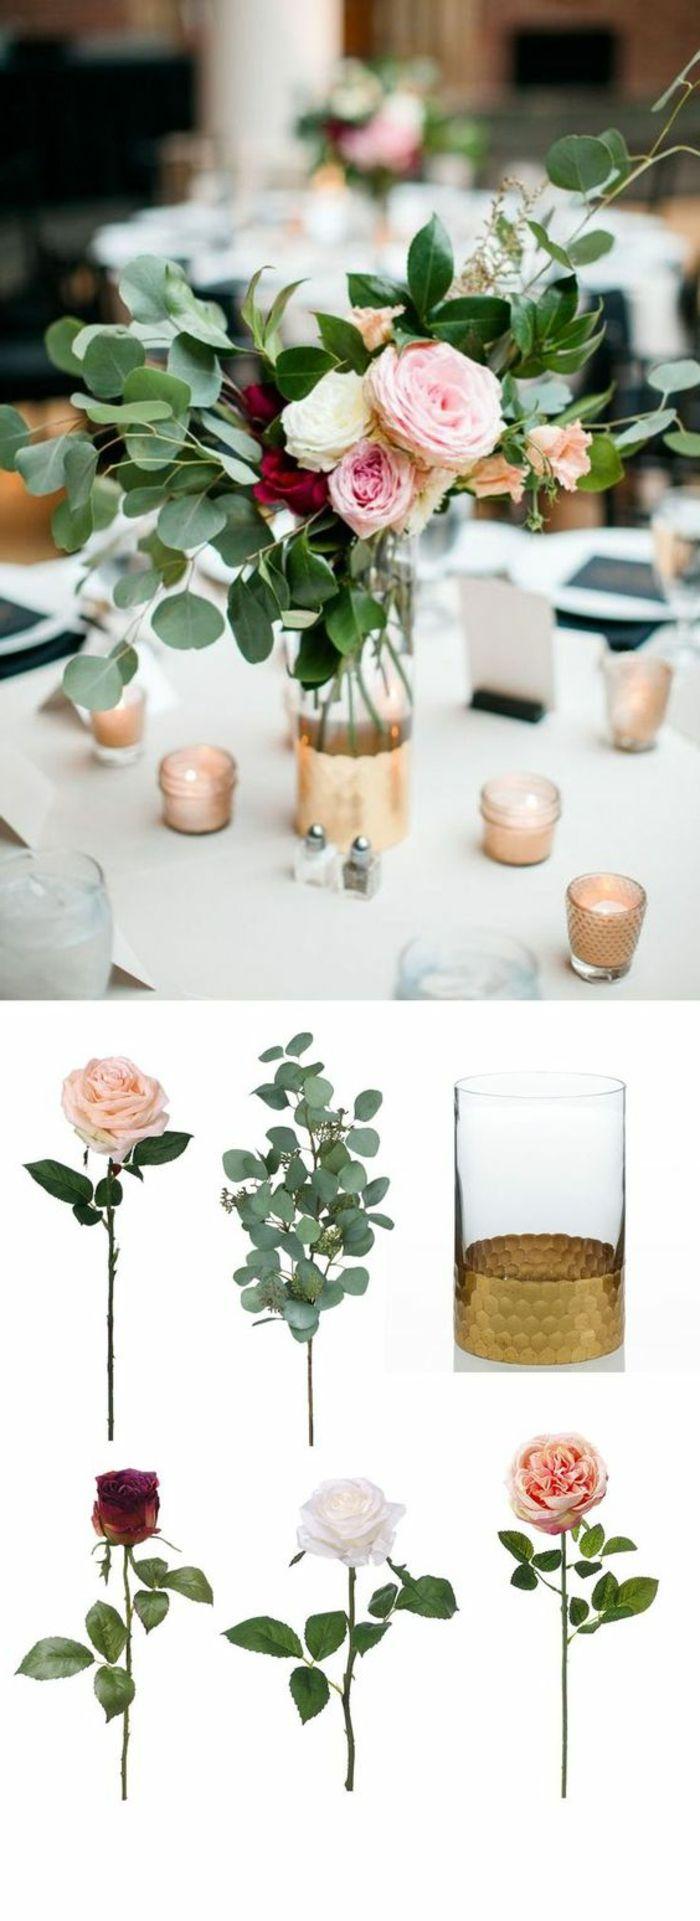 festliche tischdeko, glasvase dekoriert mit goldener farbe, rosen